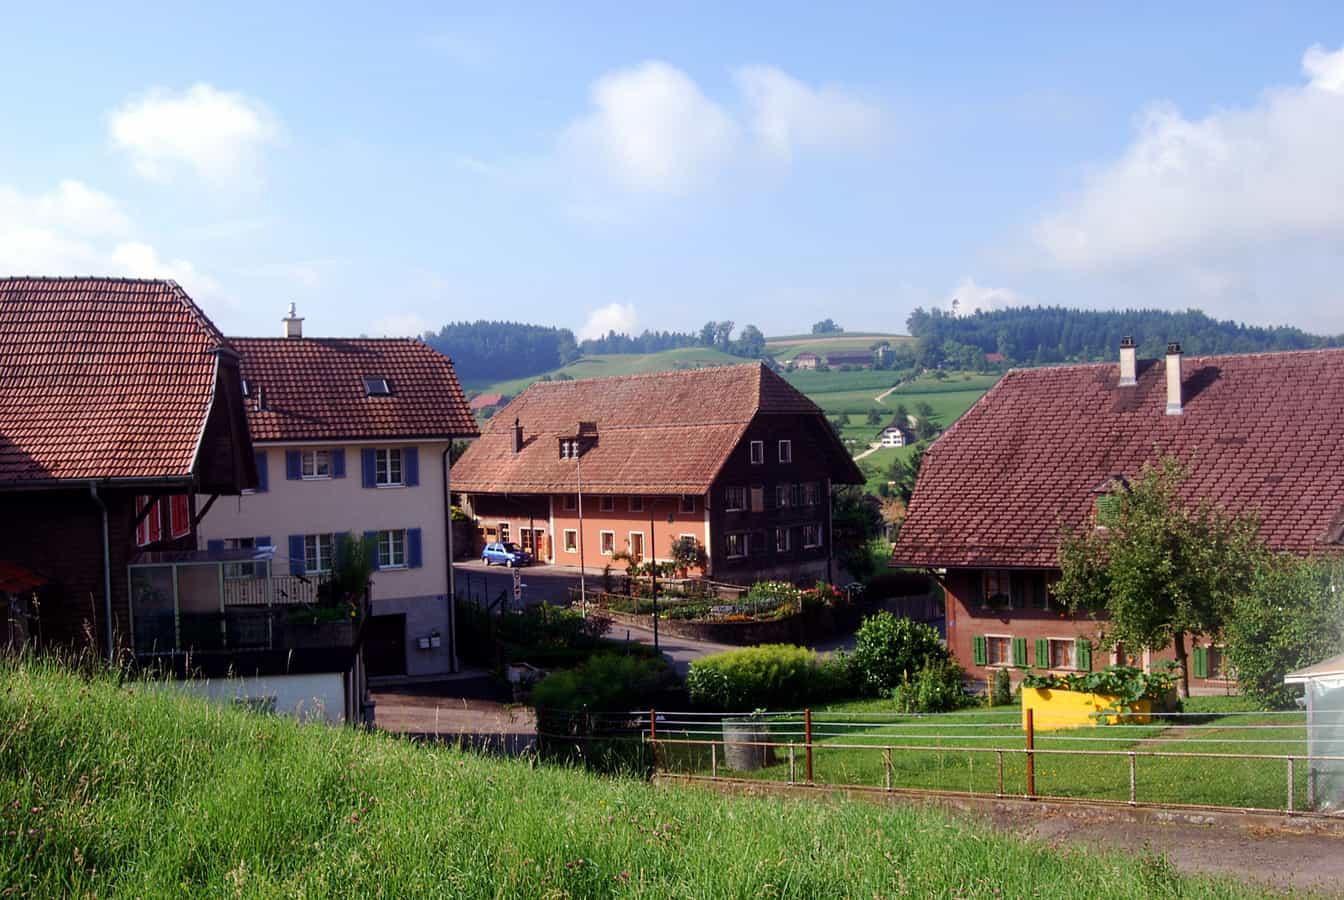 Bauernhäuser im Dorfzentrum von Grossdietwil